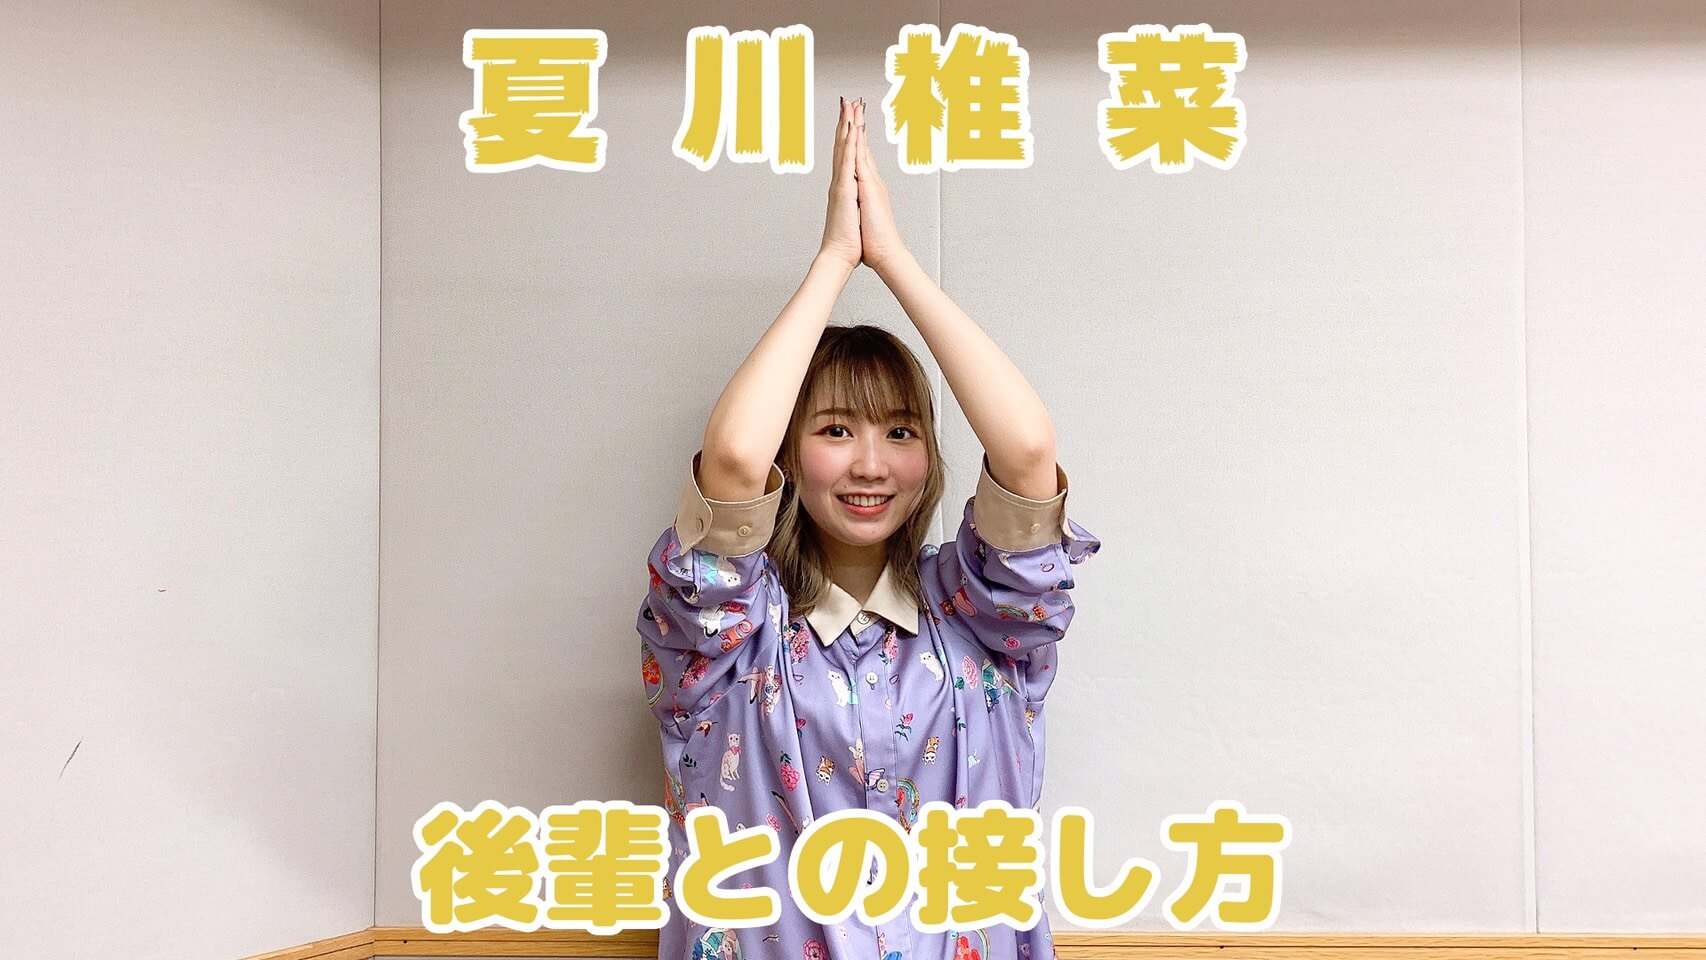 【夏川椎菜】後輩との接し方